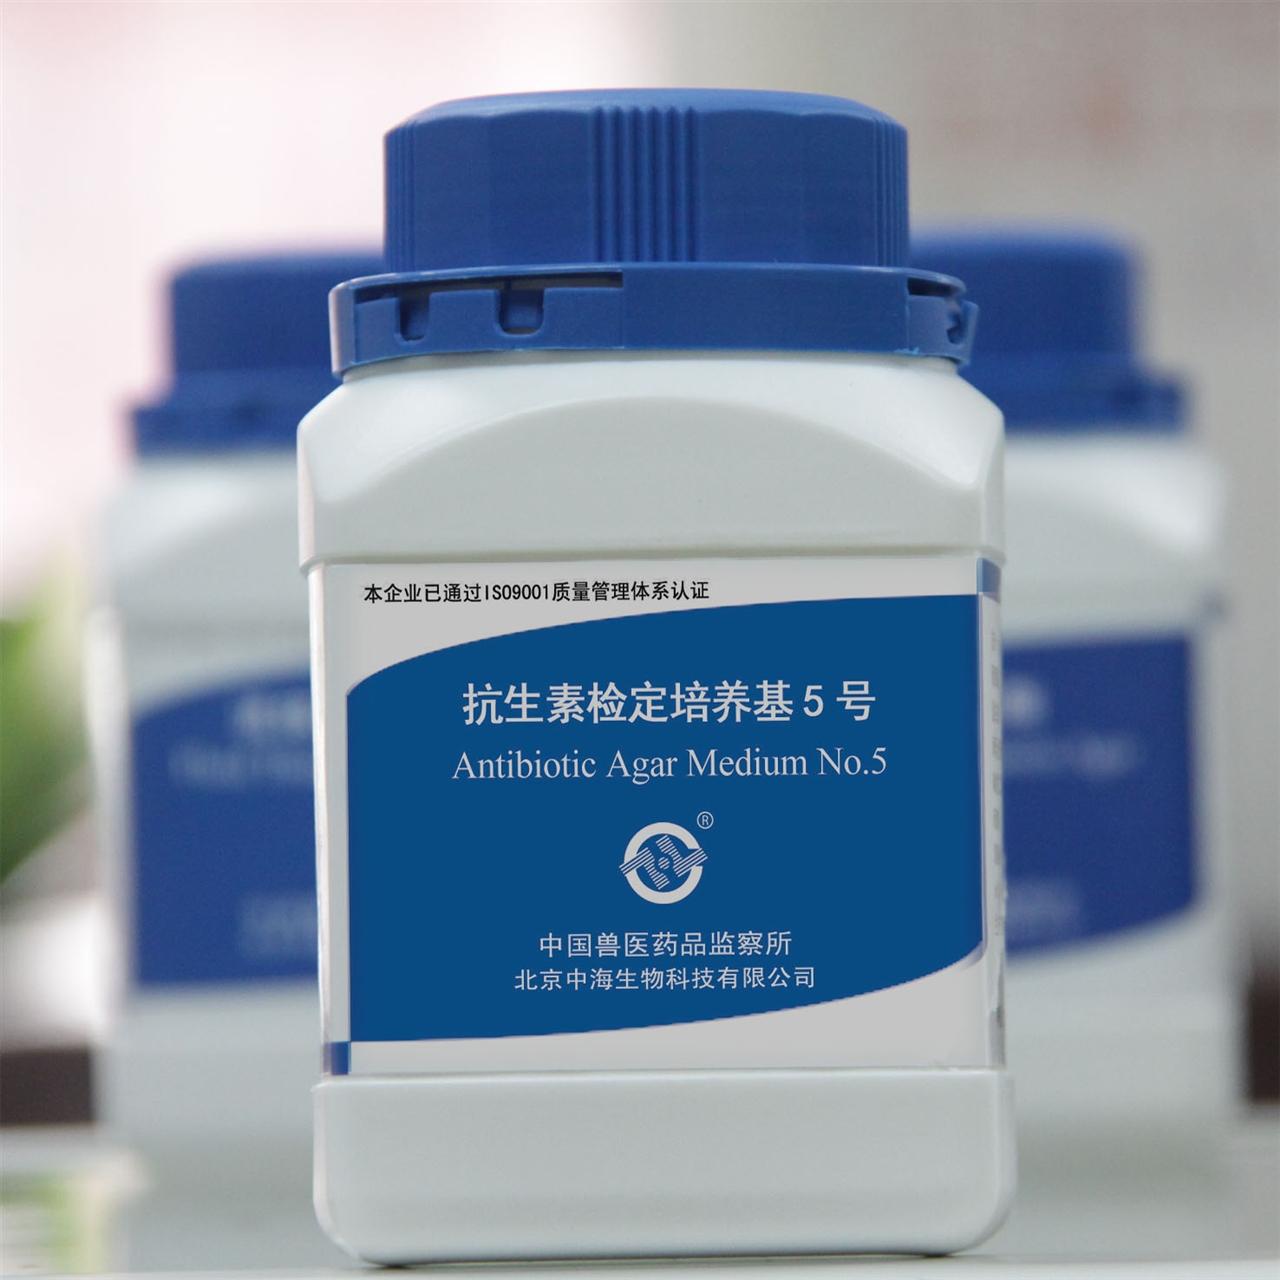 抗生素检定培养基5号